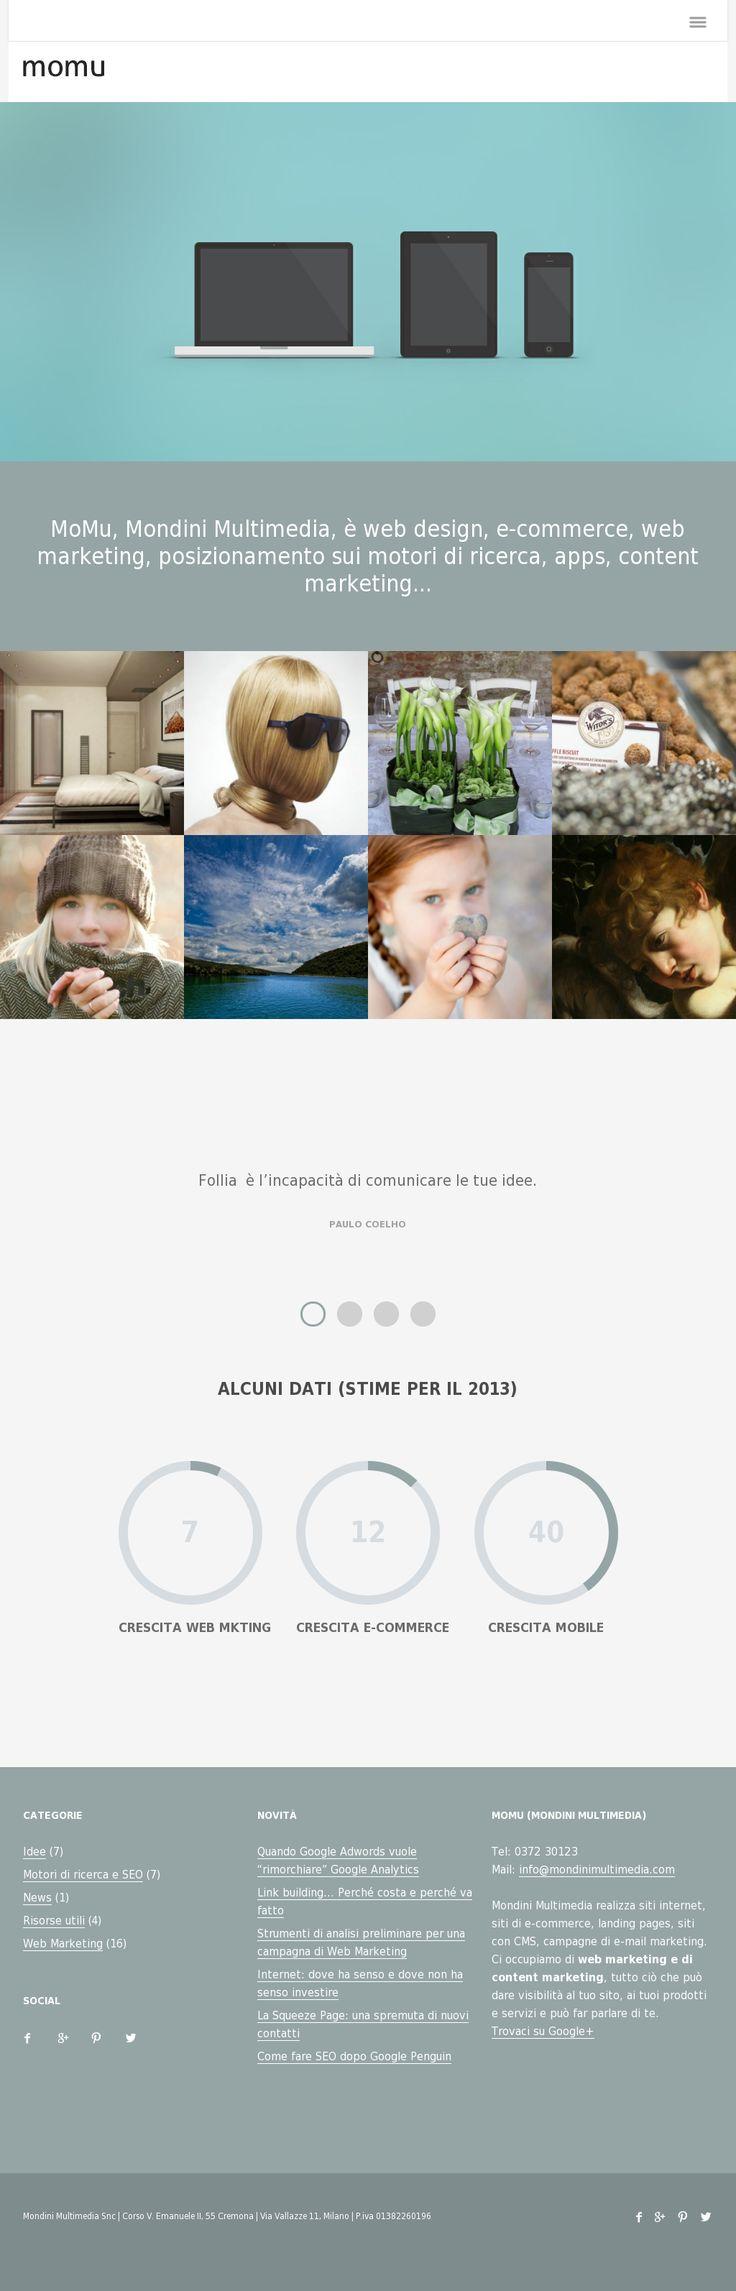 New MoMu Website 'http://www.mondinimultimedia.com/'